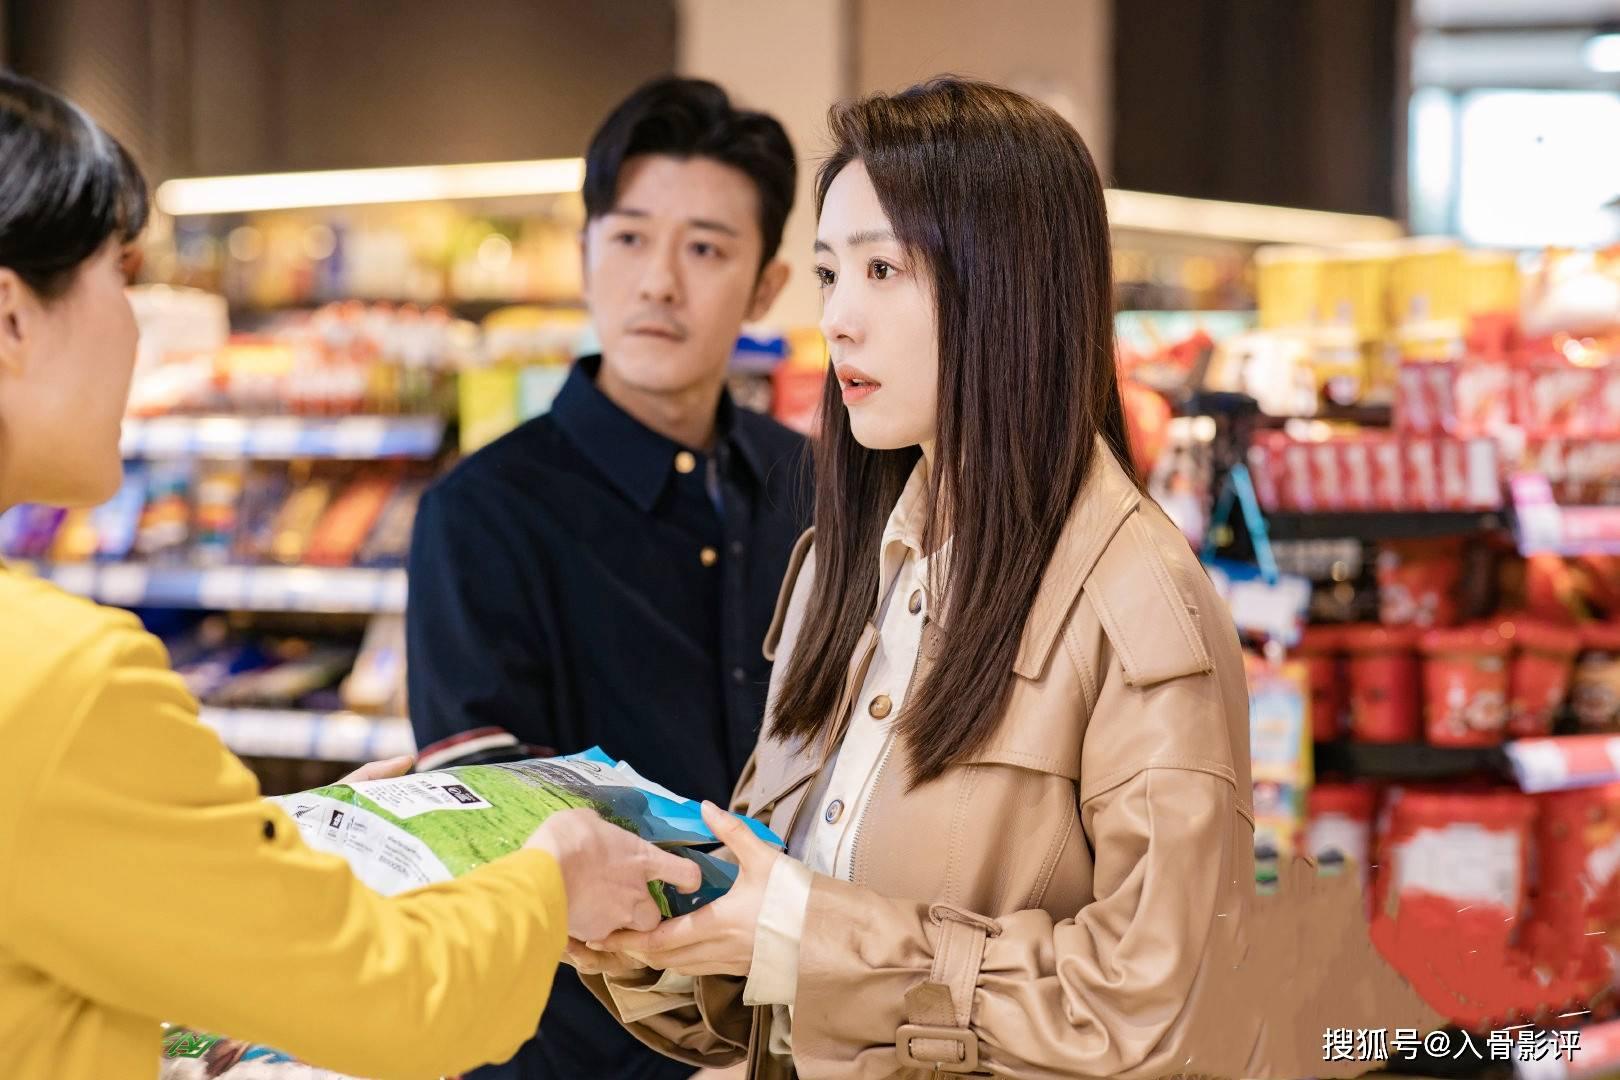 《好好生活》:林雨申挑战精明的总裁角色,携手蔡